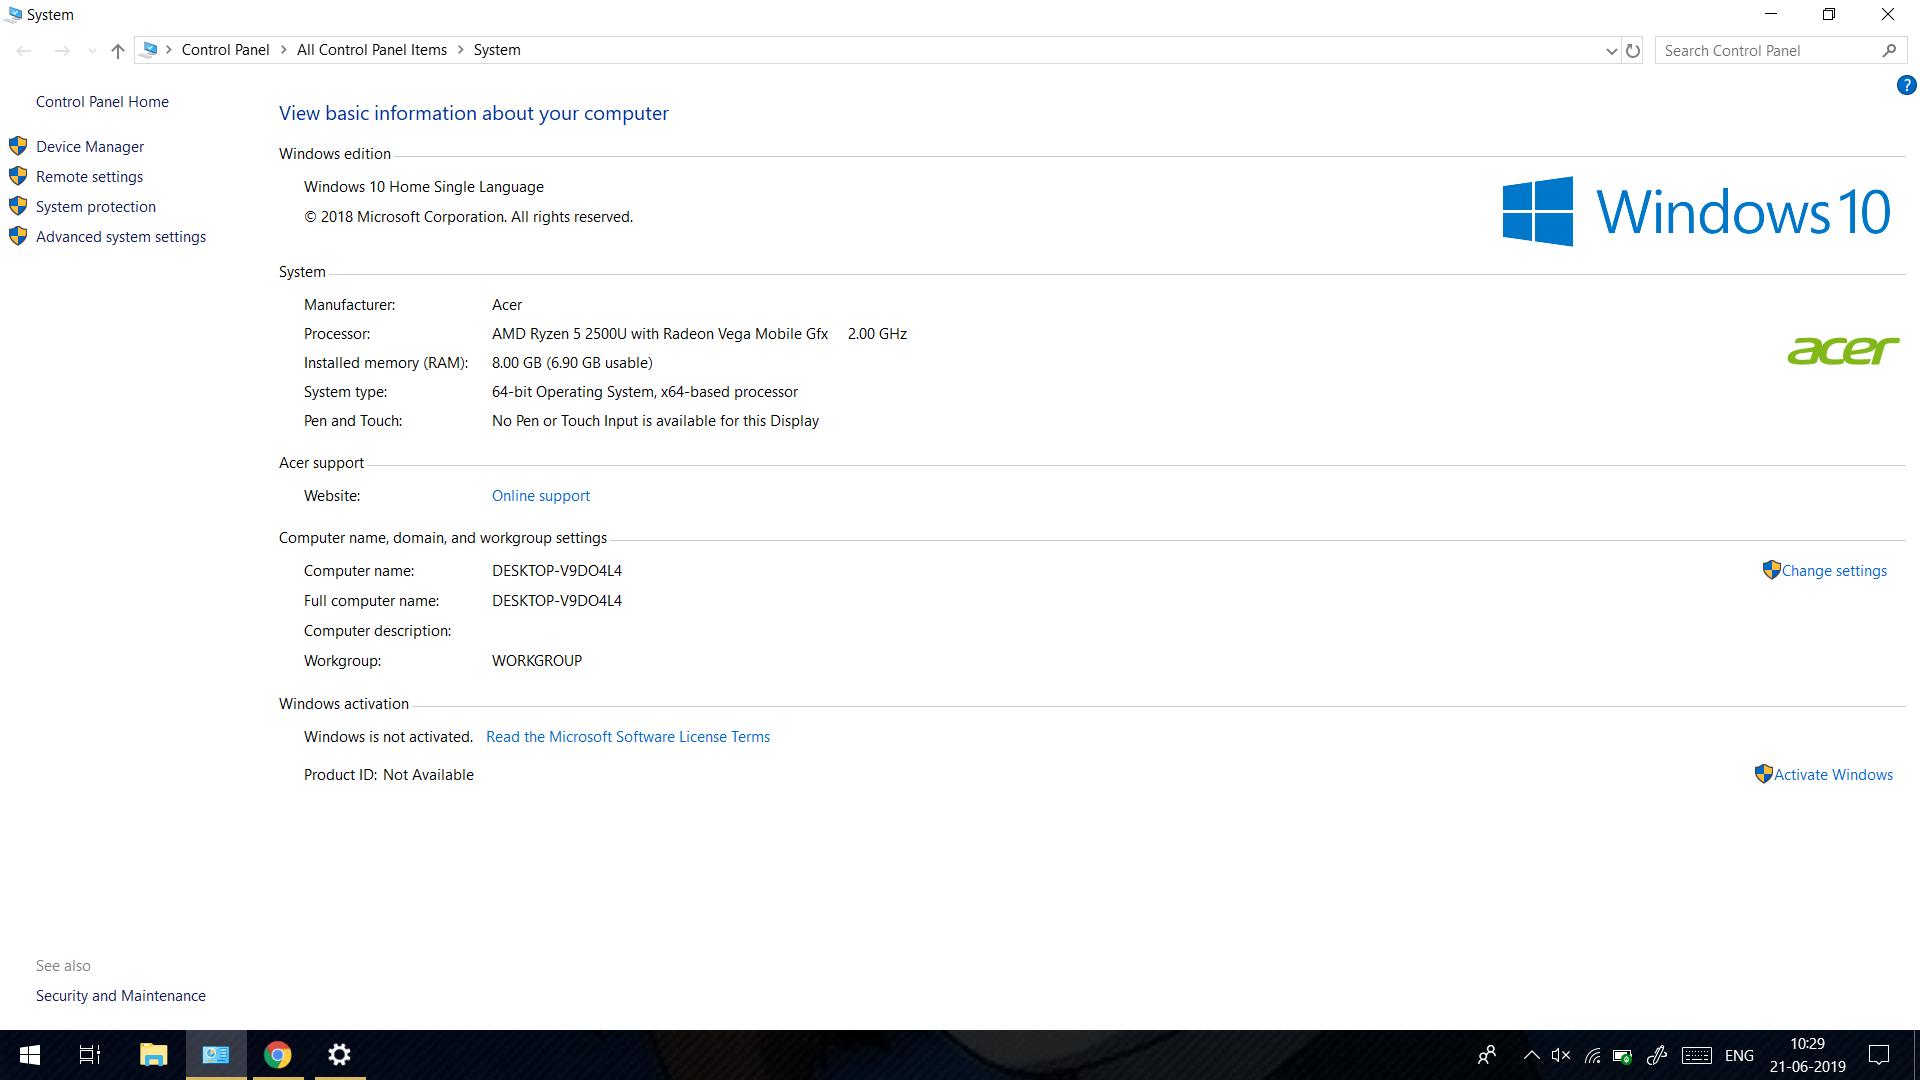 Windows10 activation problem c348cac6-8ea4-4289-925c-3537b34964f4?upload=true.png